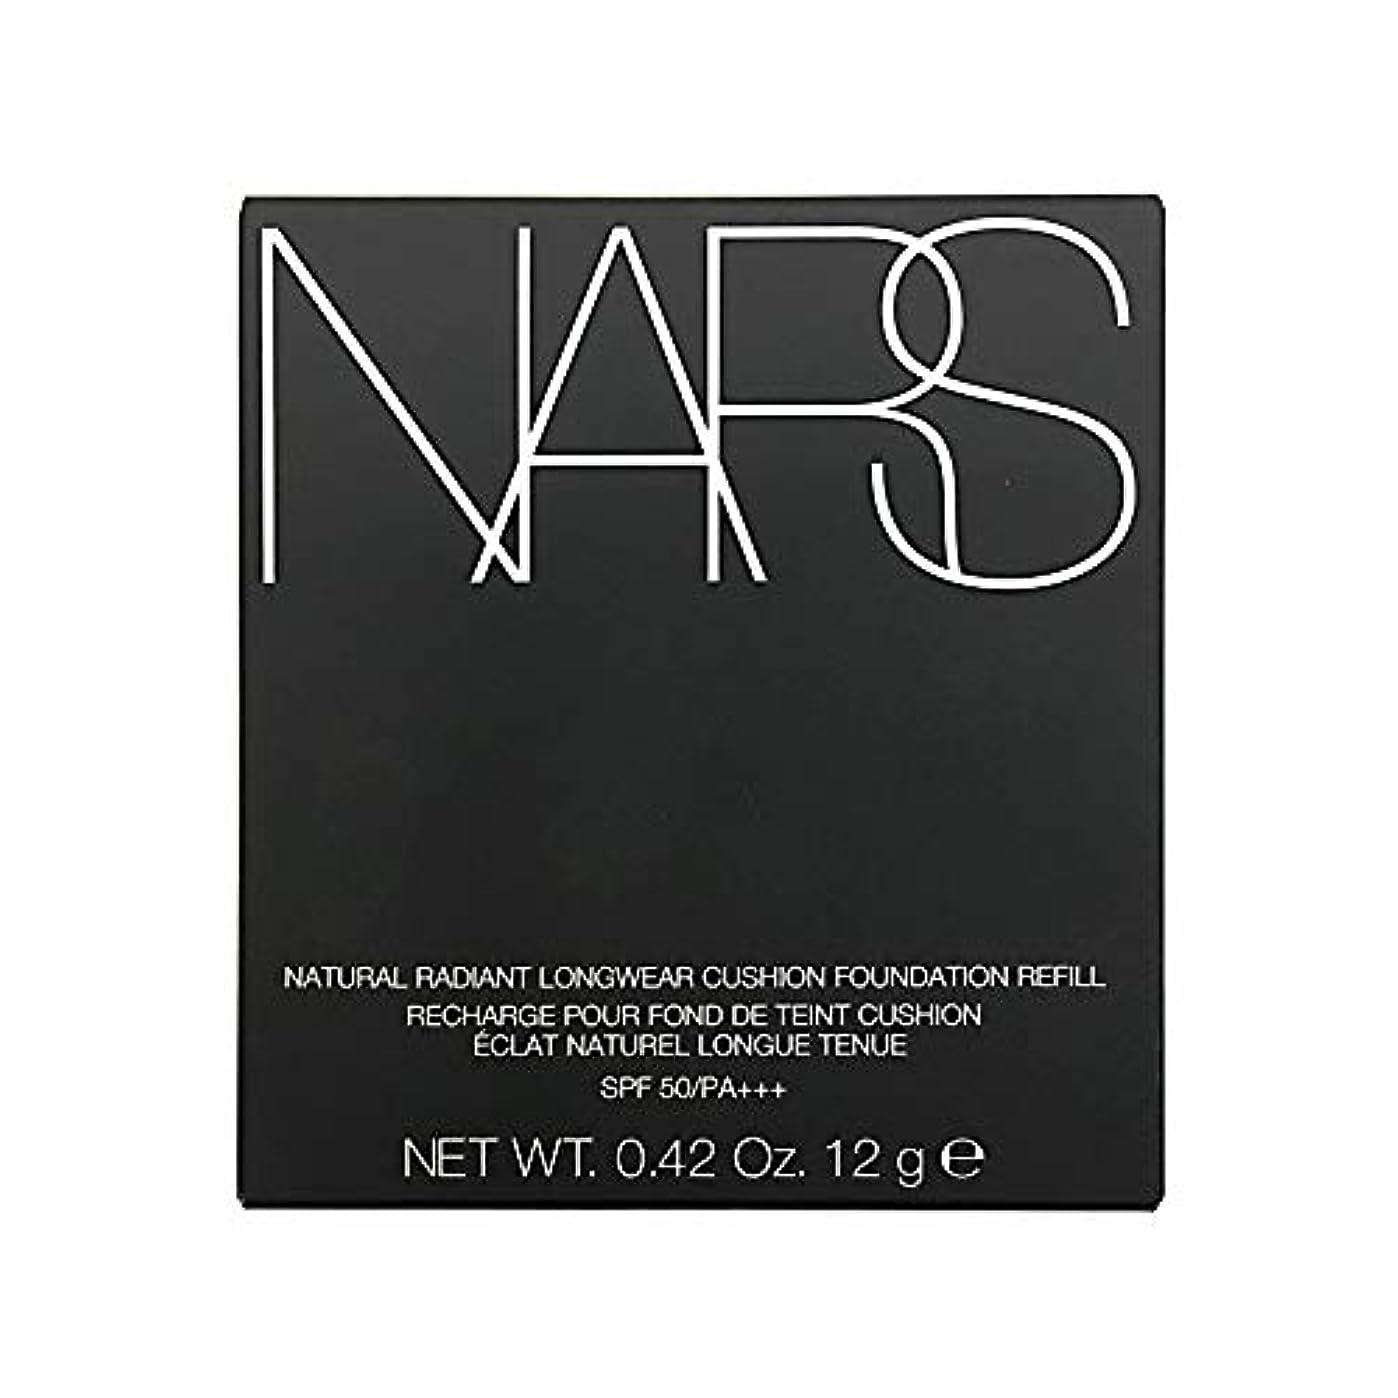 反逆常習的アラブ人ナーズ/NARS ナチュラルラディアント ロングウェア クッションファンデーション(レフィル)#5880[ クッションファンデ ] [並行輸入品]